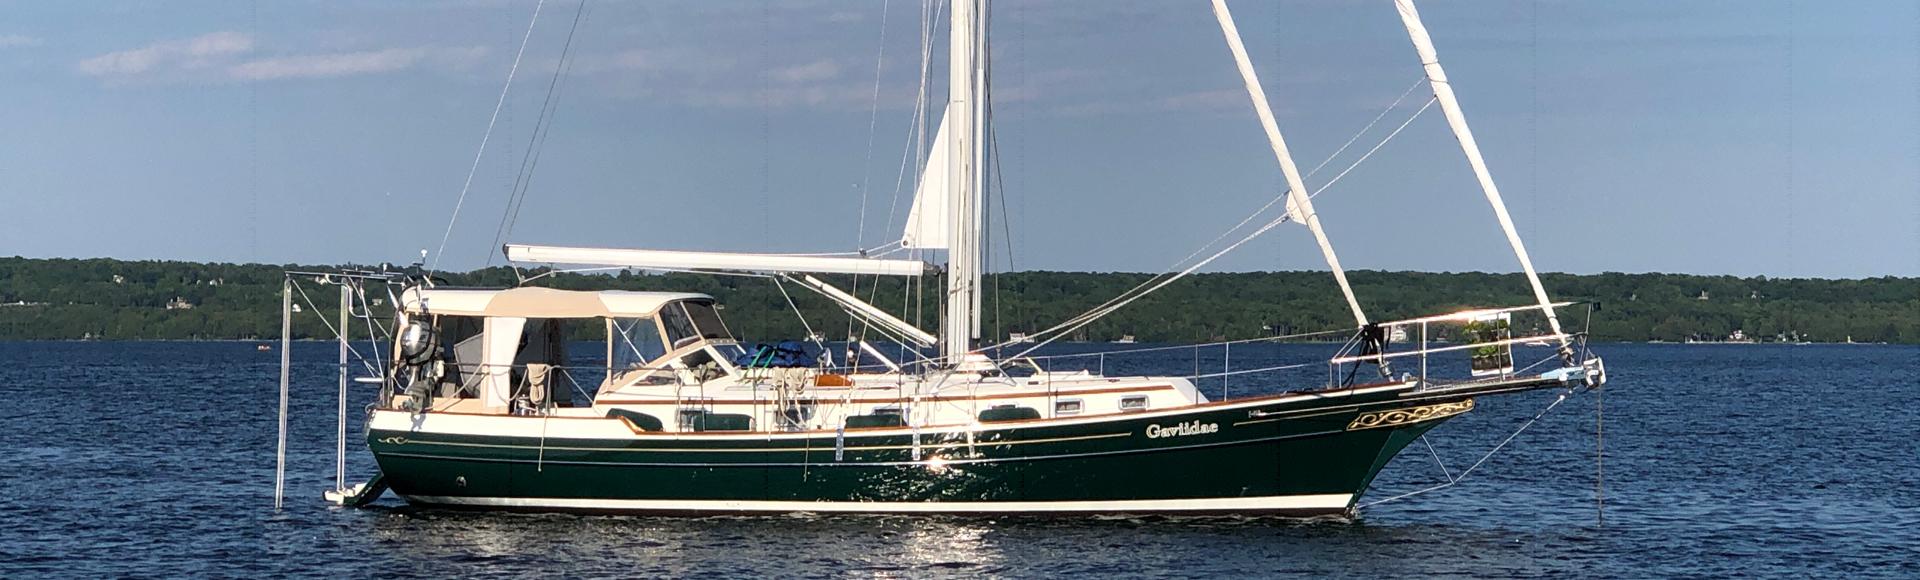 Gaviidae Sails